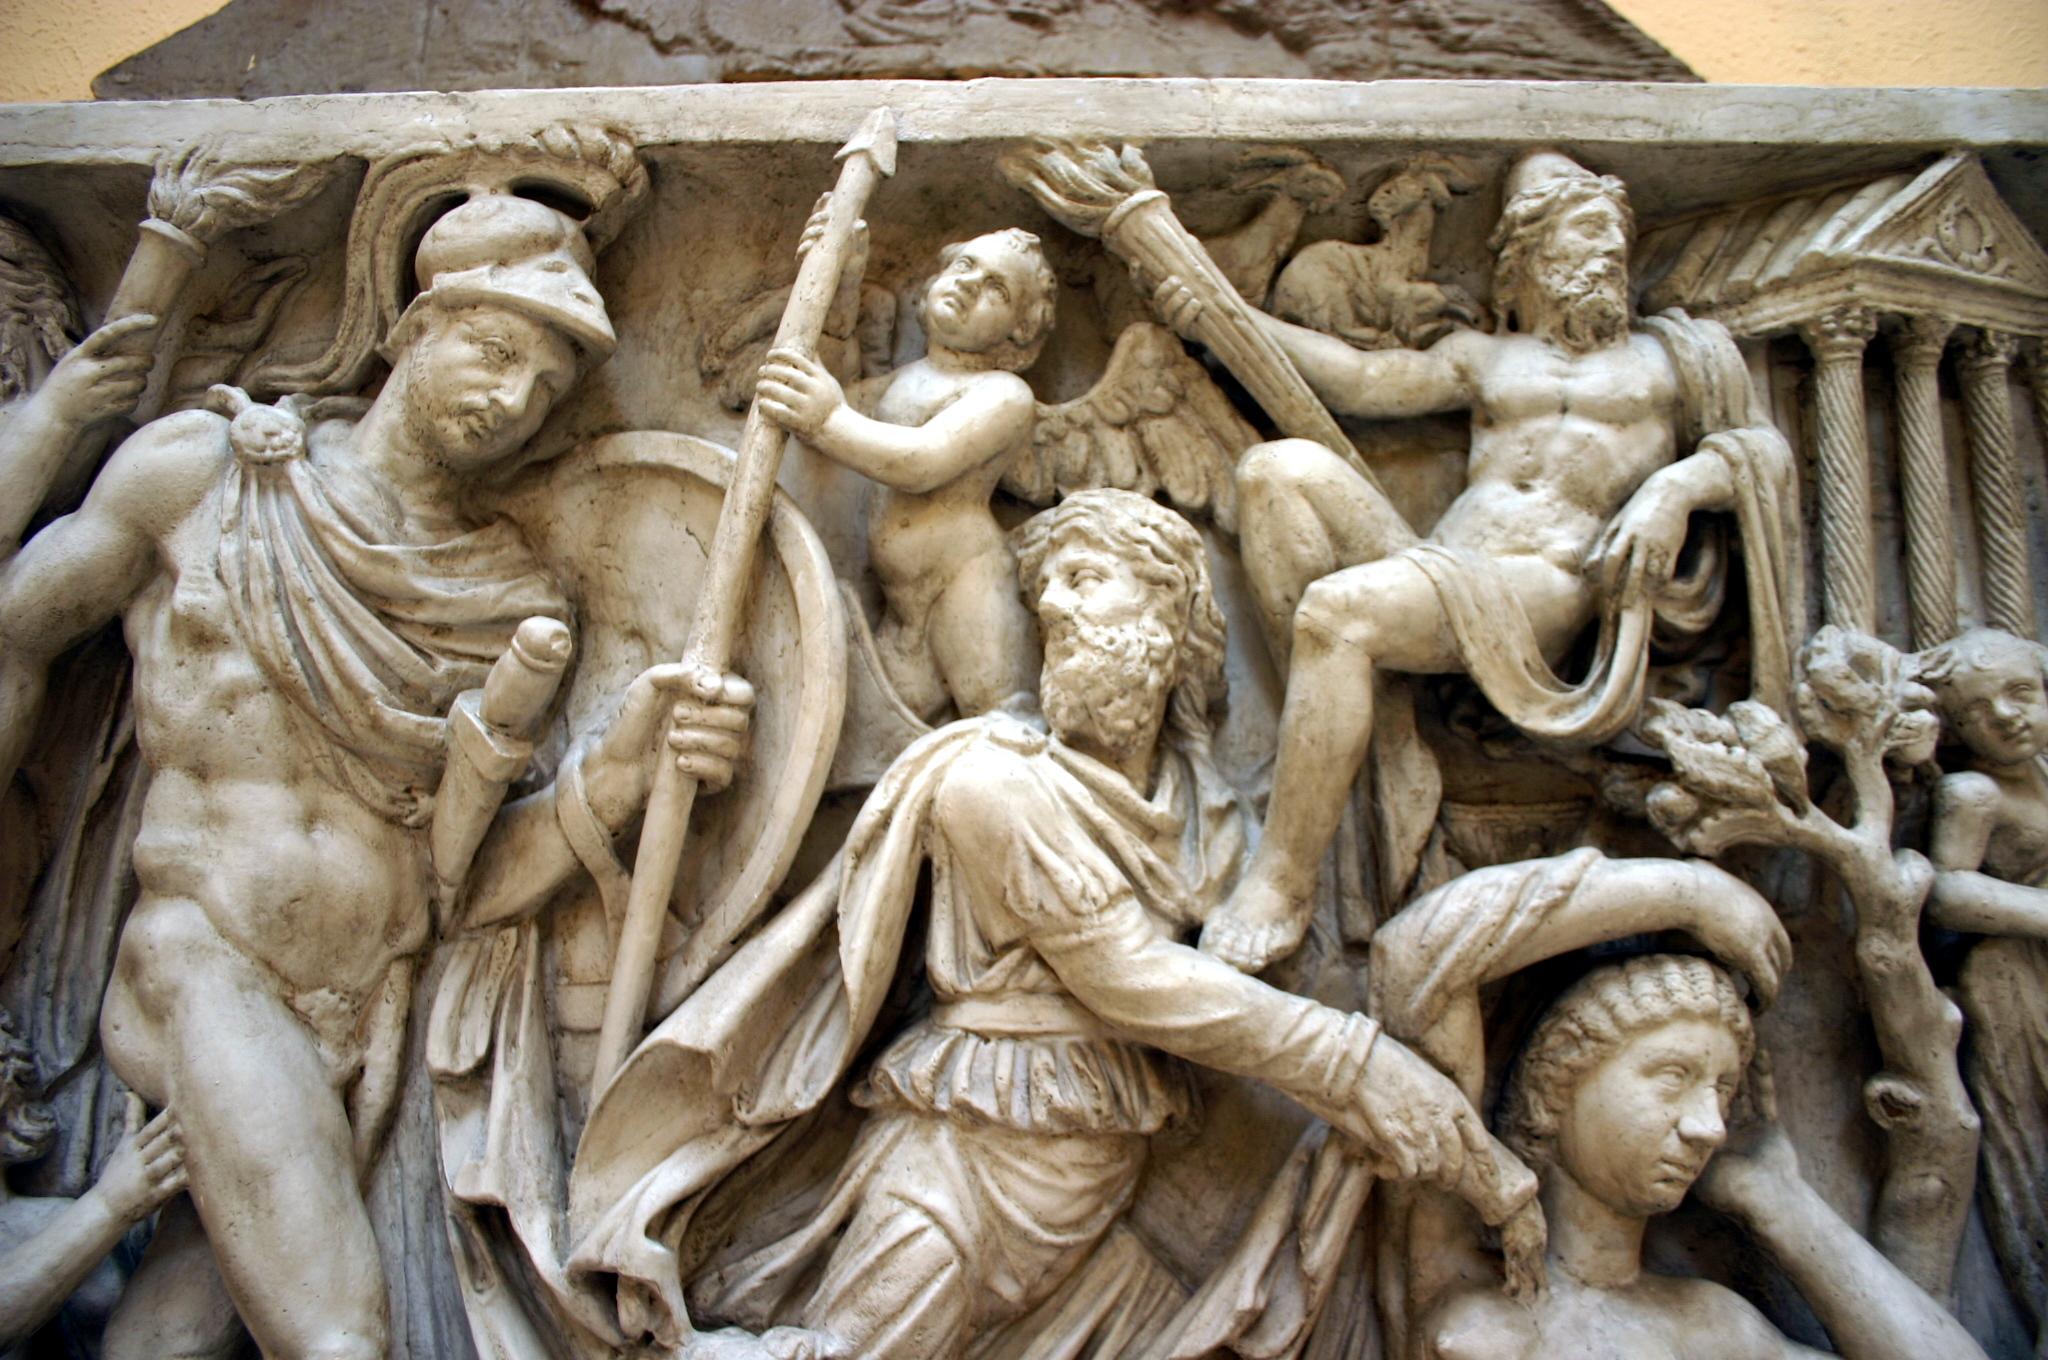 0459 - Roma, Museo d. civiltà romana - Sarcofago Mattei Foto Giovanni Dall'Orto, 12-Apr-2008.jpg